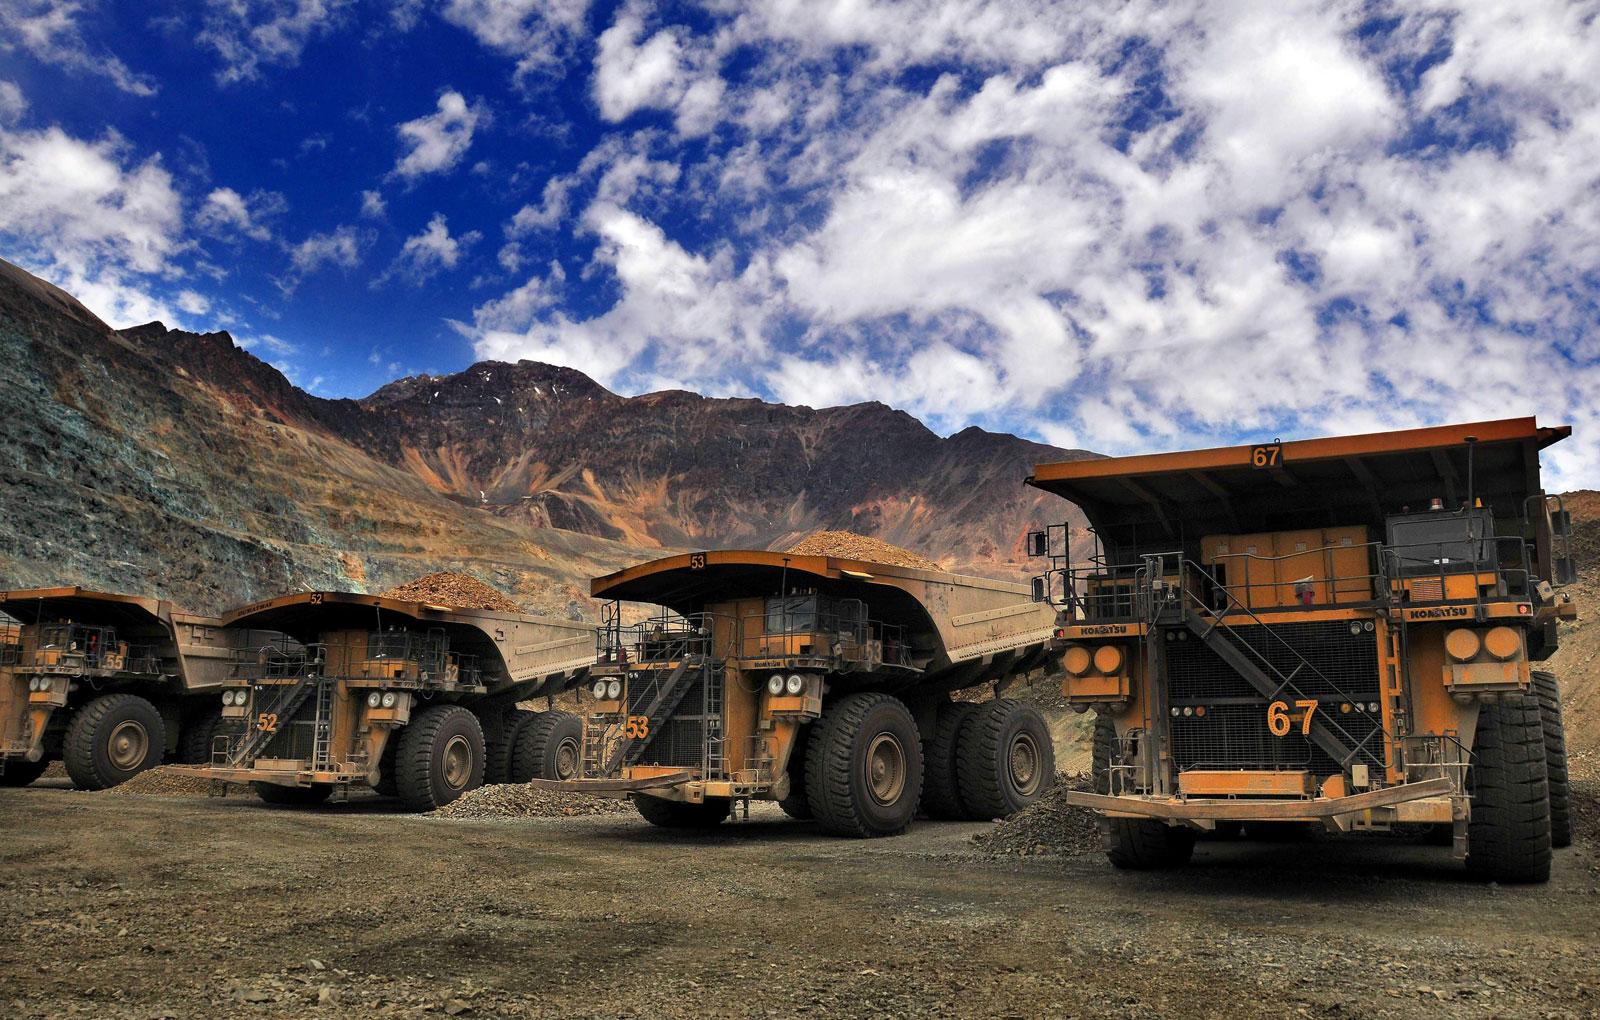 ¡Buenas noticias! Inician minería industrial a cielo abierto en Ecuador